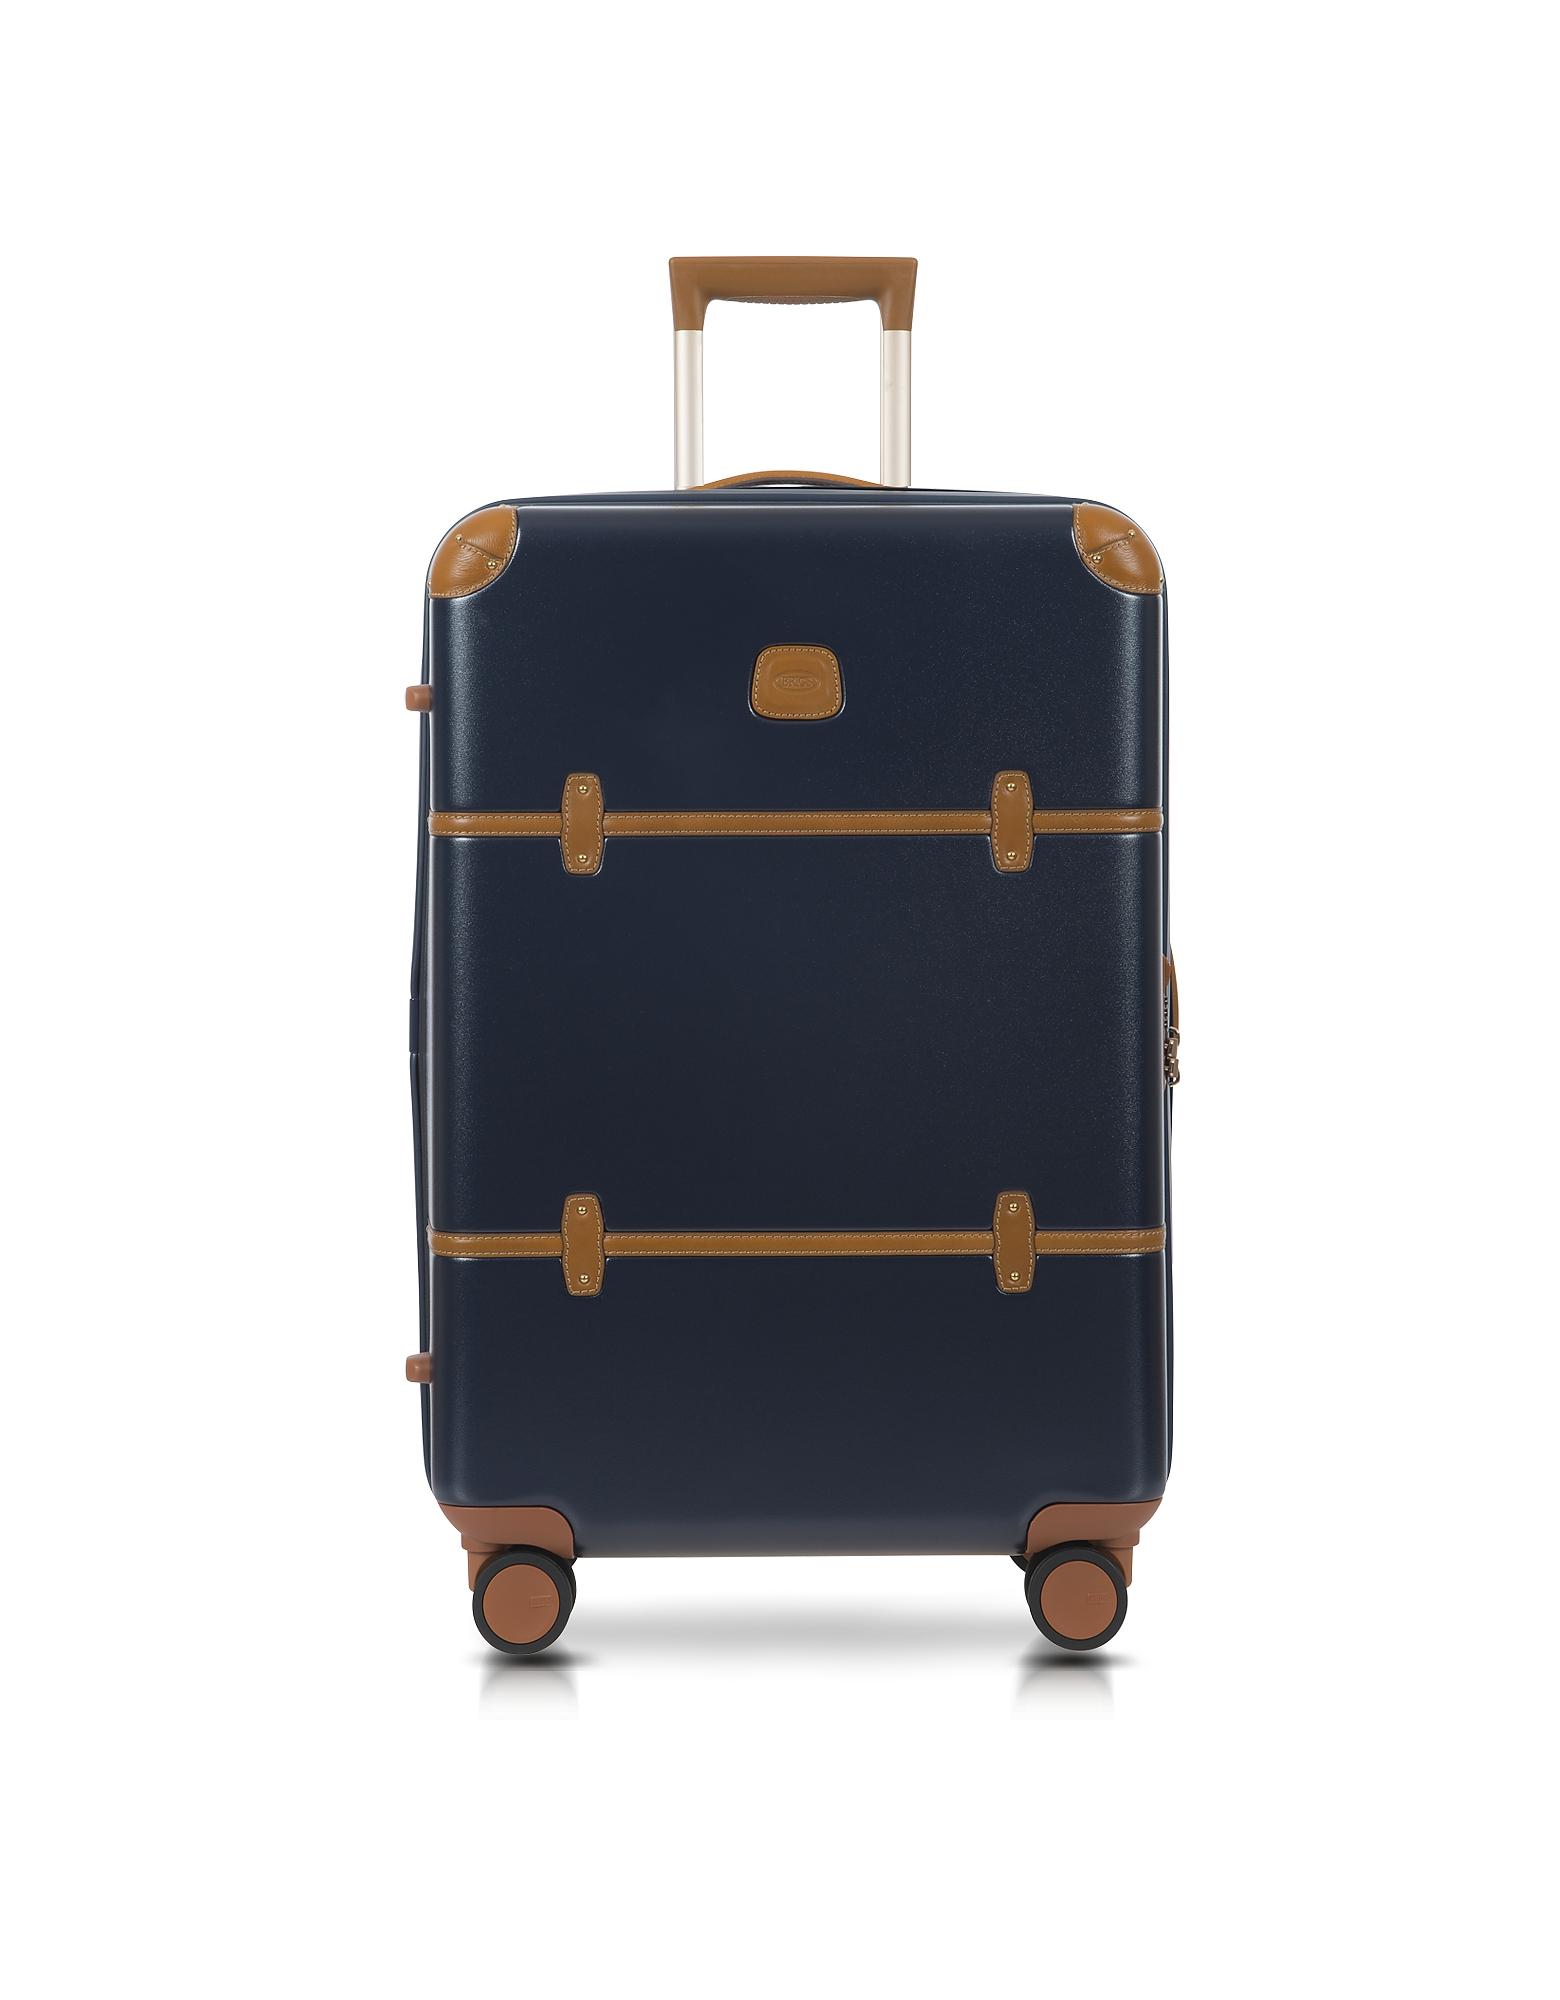 Фото Bellagio V2.0 - Синий и Табачный Троллей 27″ на Колесиках. Купить с доставкой